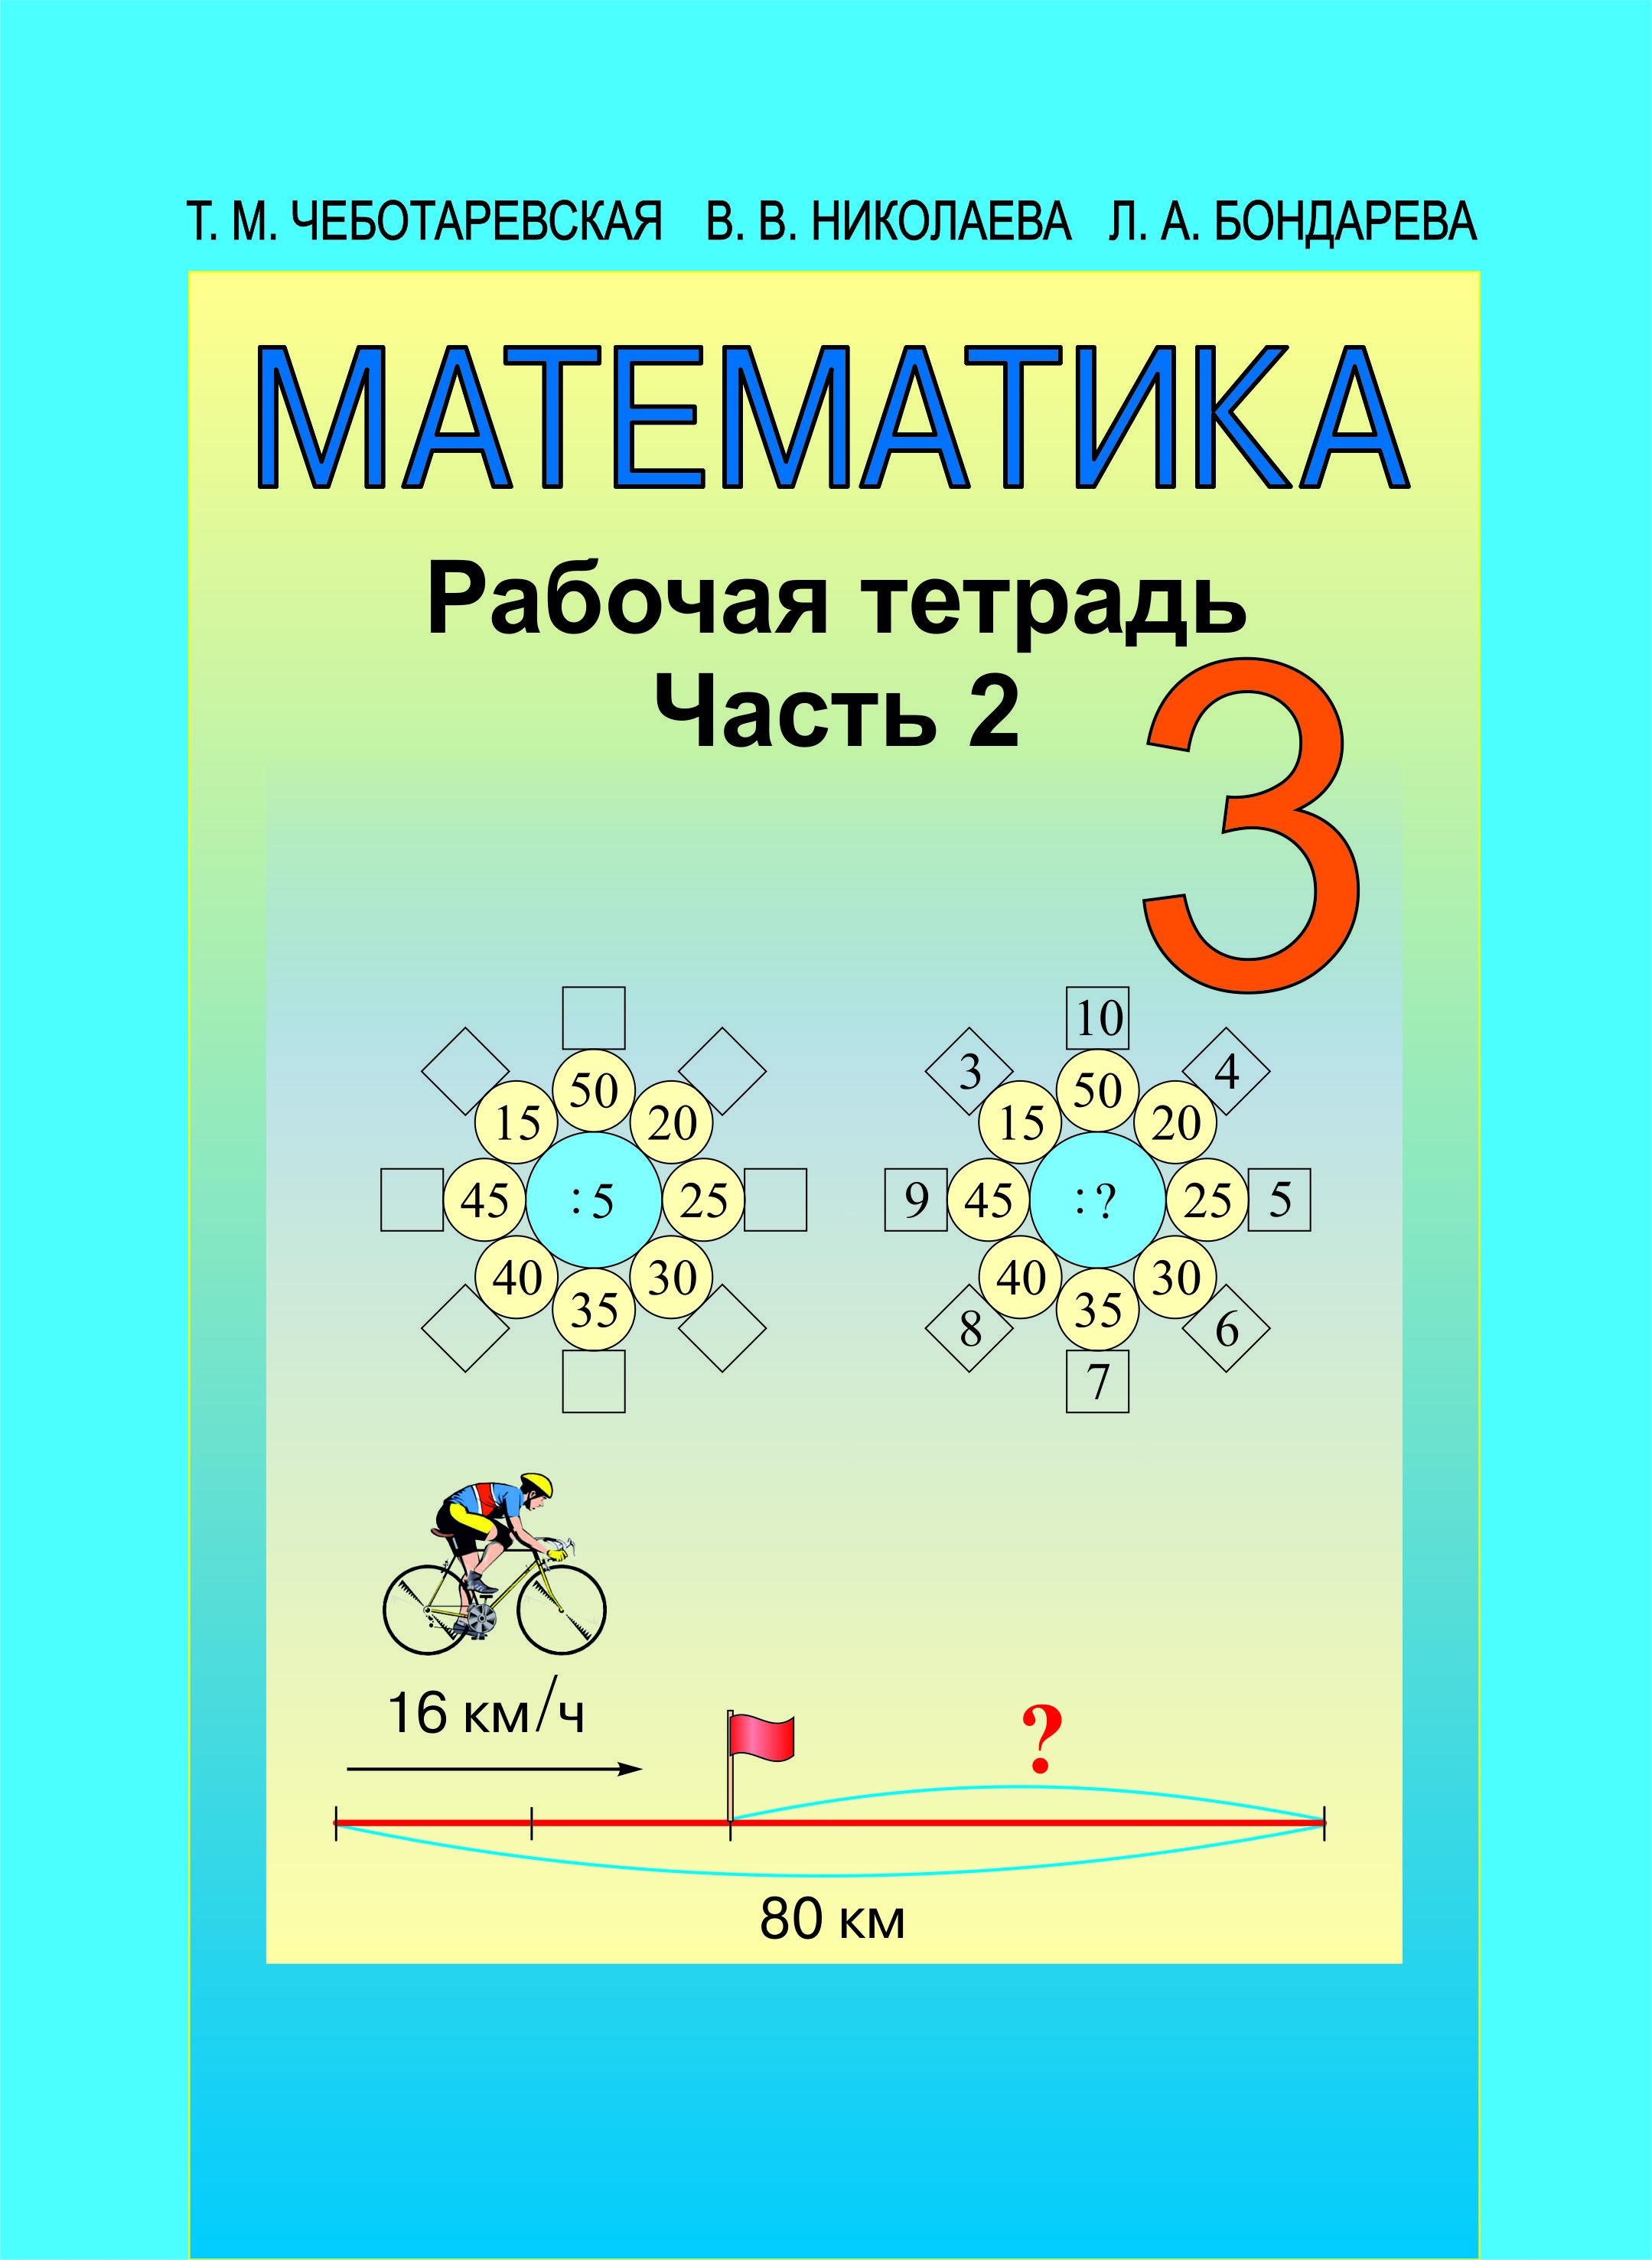 Математика, 3 класс. Рабочая тетрадь №2.